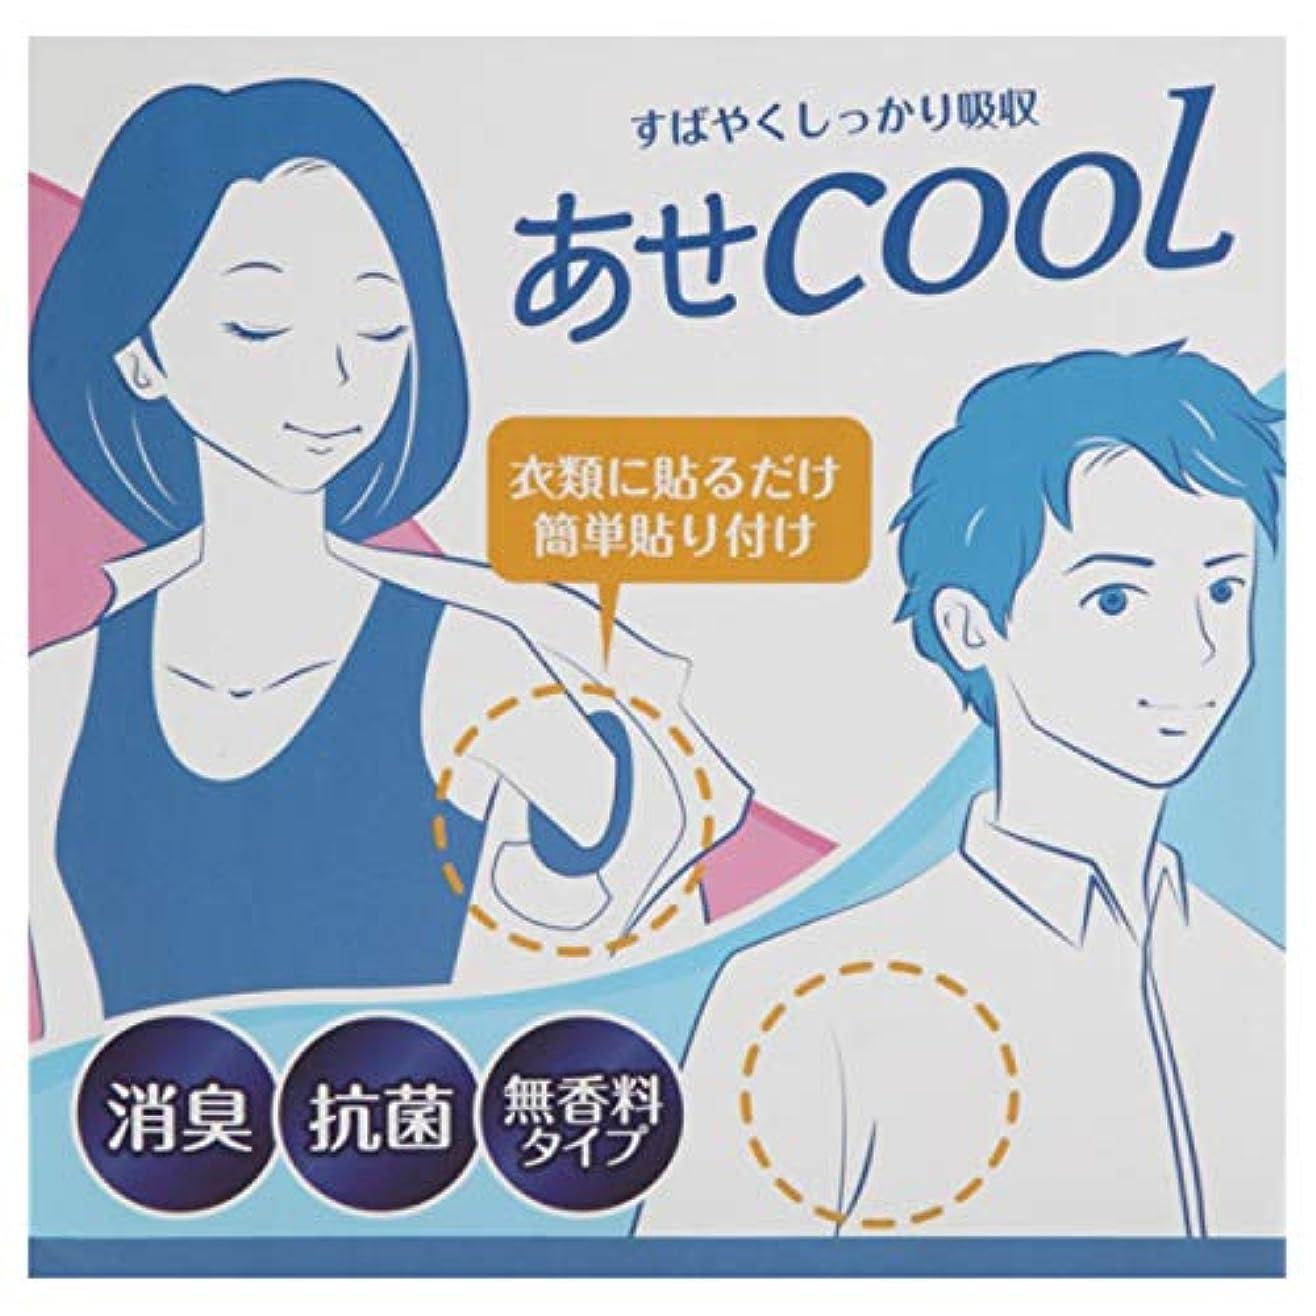 キャンパス昆虫適合しましたあせCOOL(あせクール) あせわきパッド 汗取りシート あせジミ防止 防臭シート お徳用100枚セット 白(ホワイト)